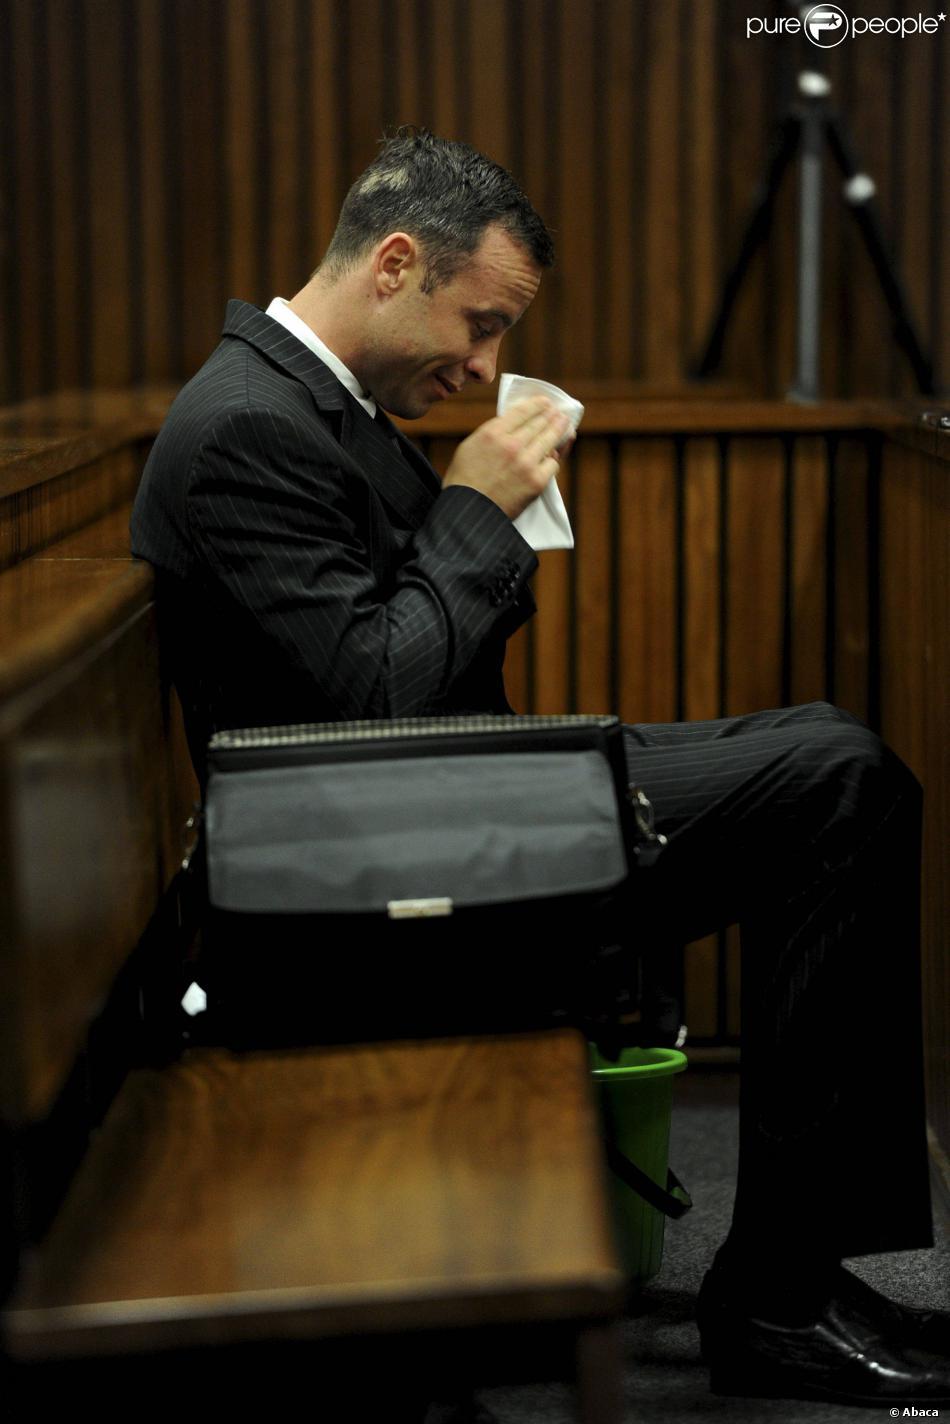 Oscar Pistorius lors de son procès pour le meurtre de Reeva Steenkamp, le 18 mars 2014 à Pretoria